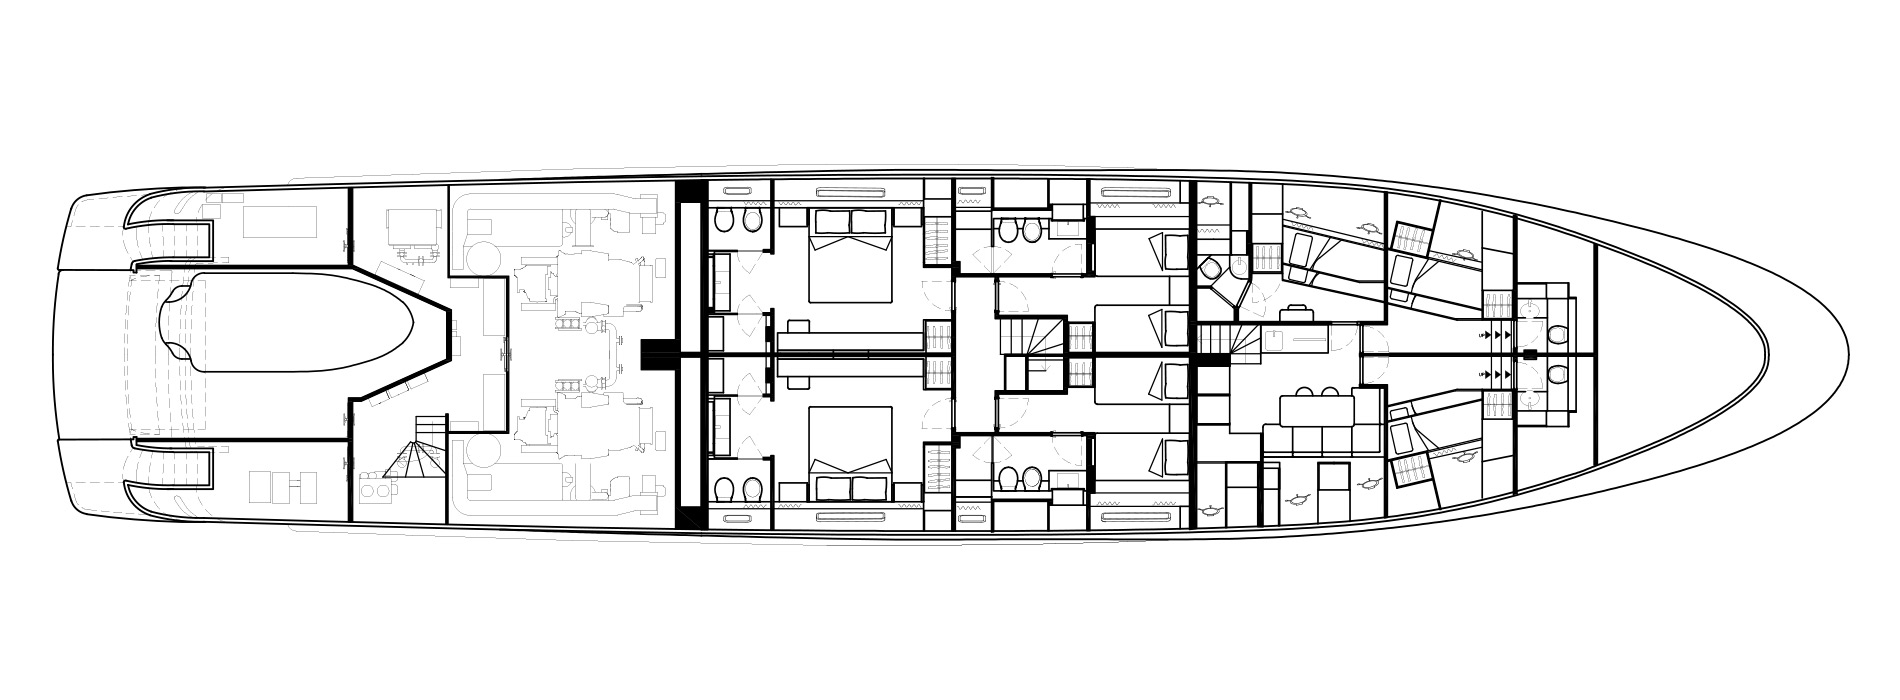 Sanlorenzo Yachts SD126 Unterdeck Versione A